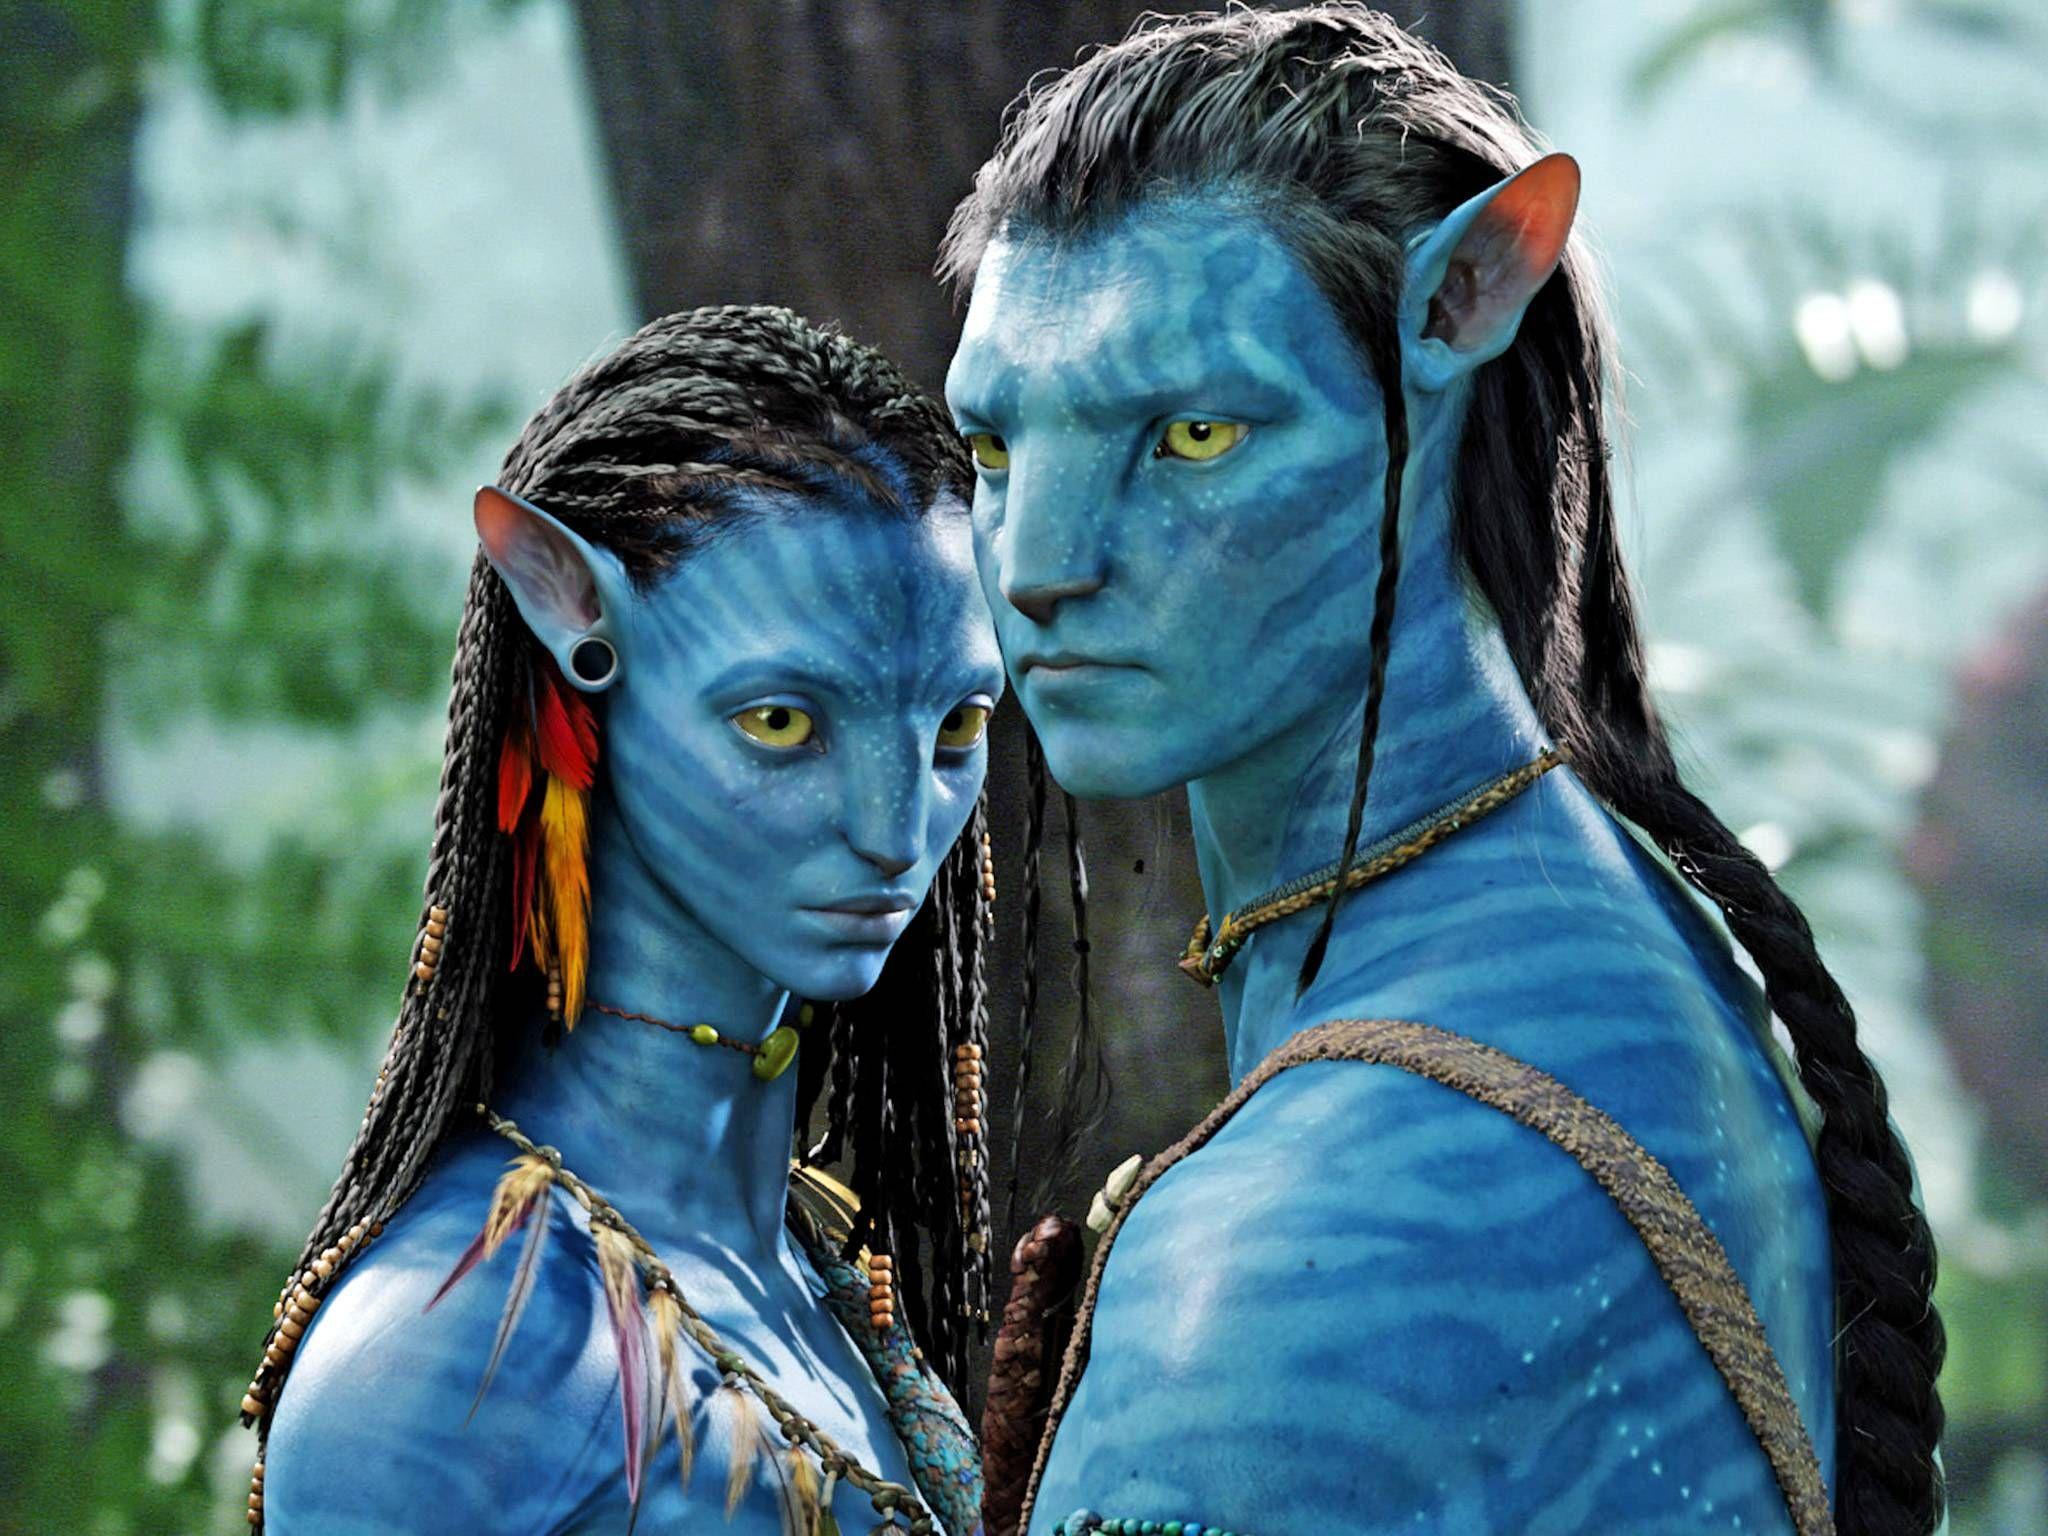 Must see Wallpaper Movie Avatar 2 - 0a62d46d25ec54b1455c8f83b14547dc  Image_646688.jpg